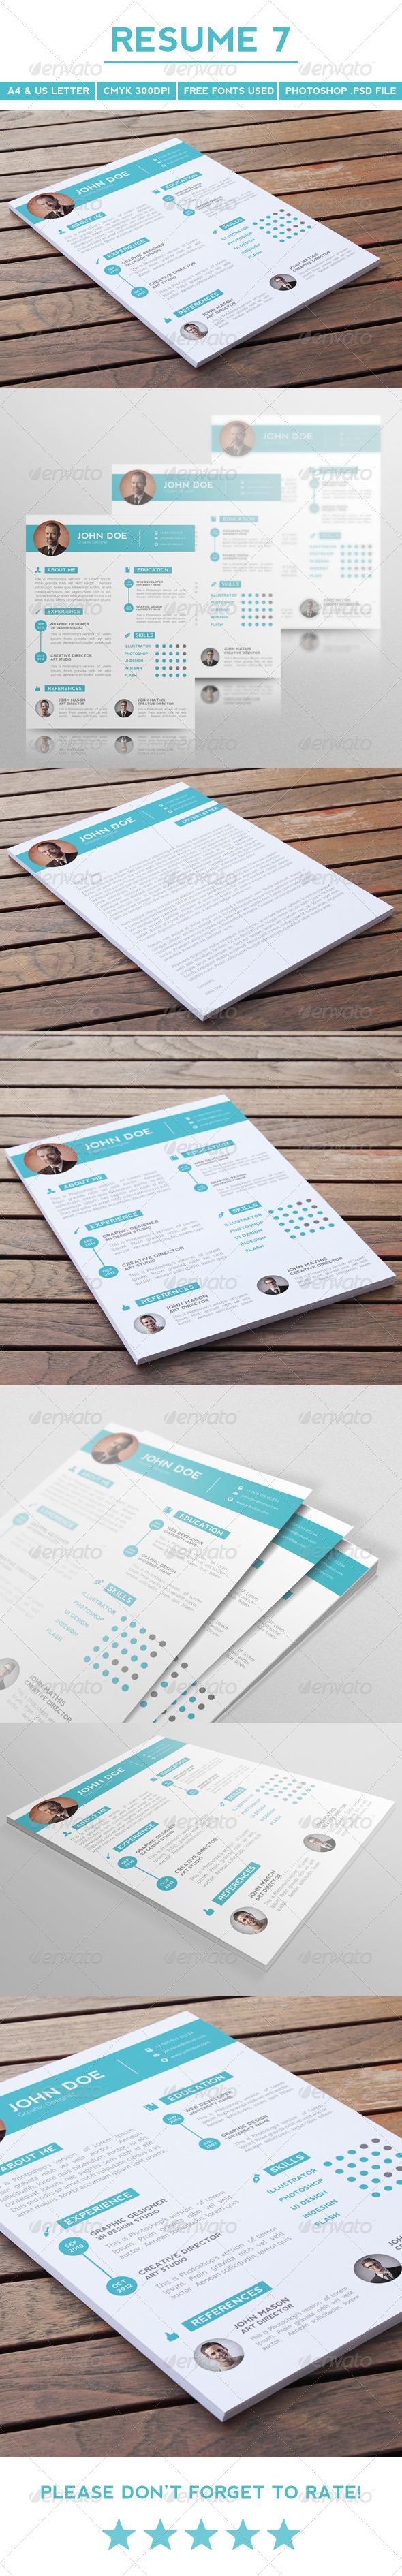 GraphicRiver Resume 7 5495921